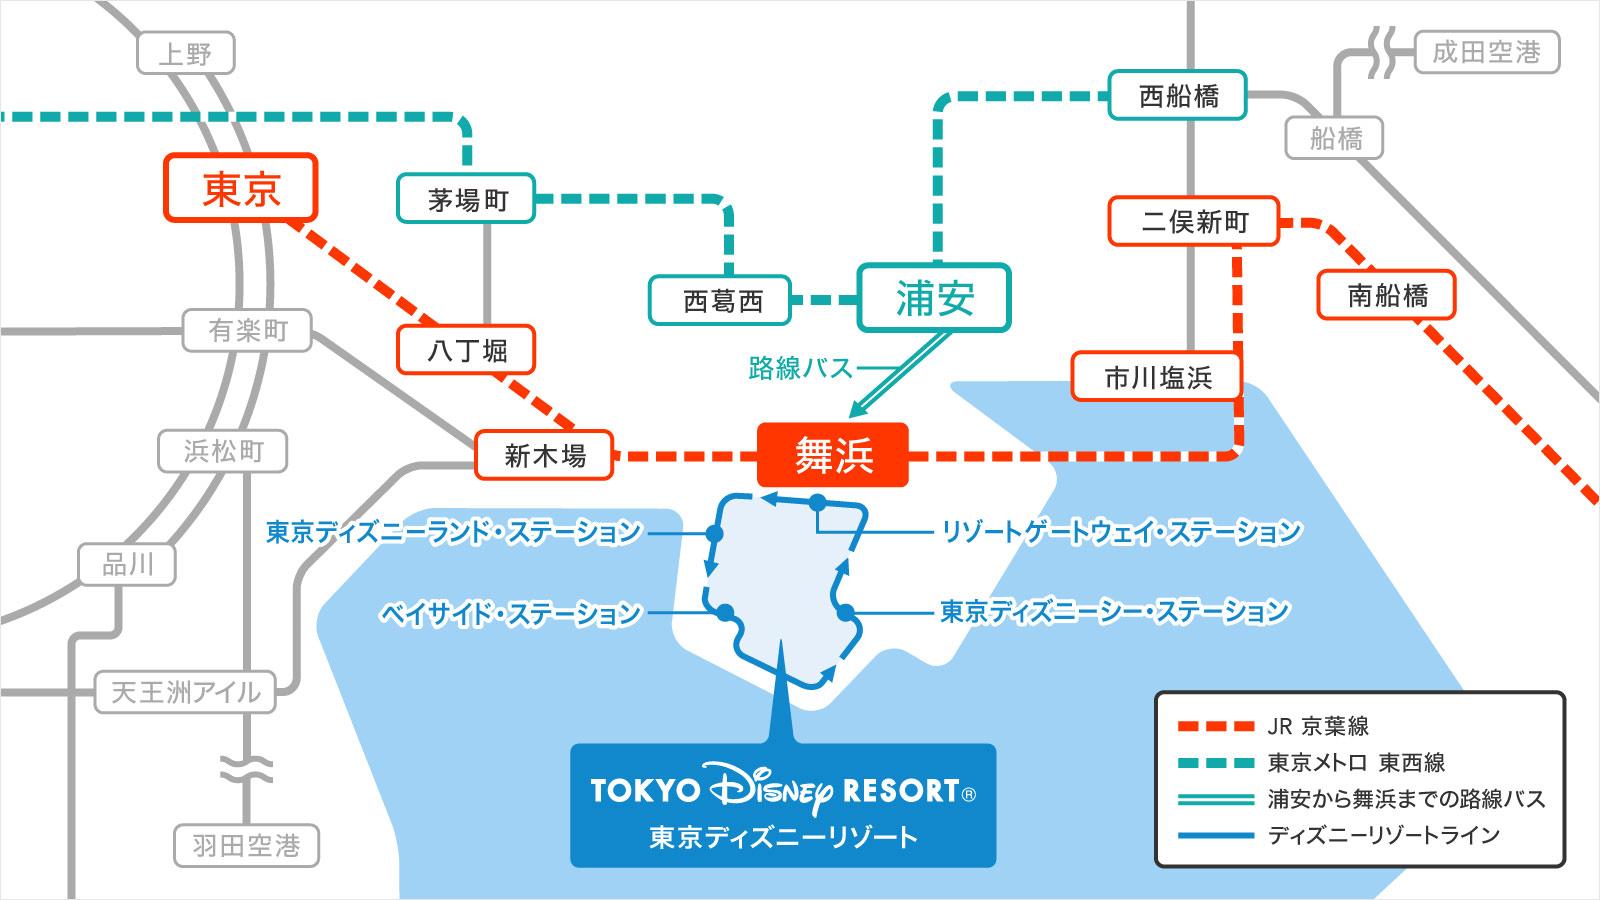 東京ディズニーリゾートの場所のイメージ